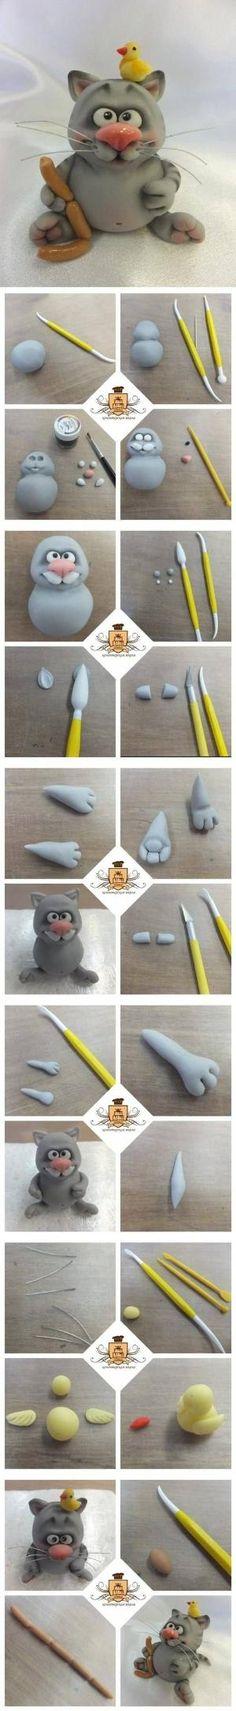 DIY Polymer Clay Cute Cat by LisaDB